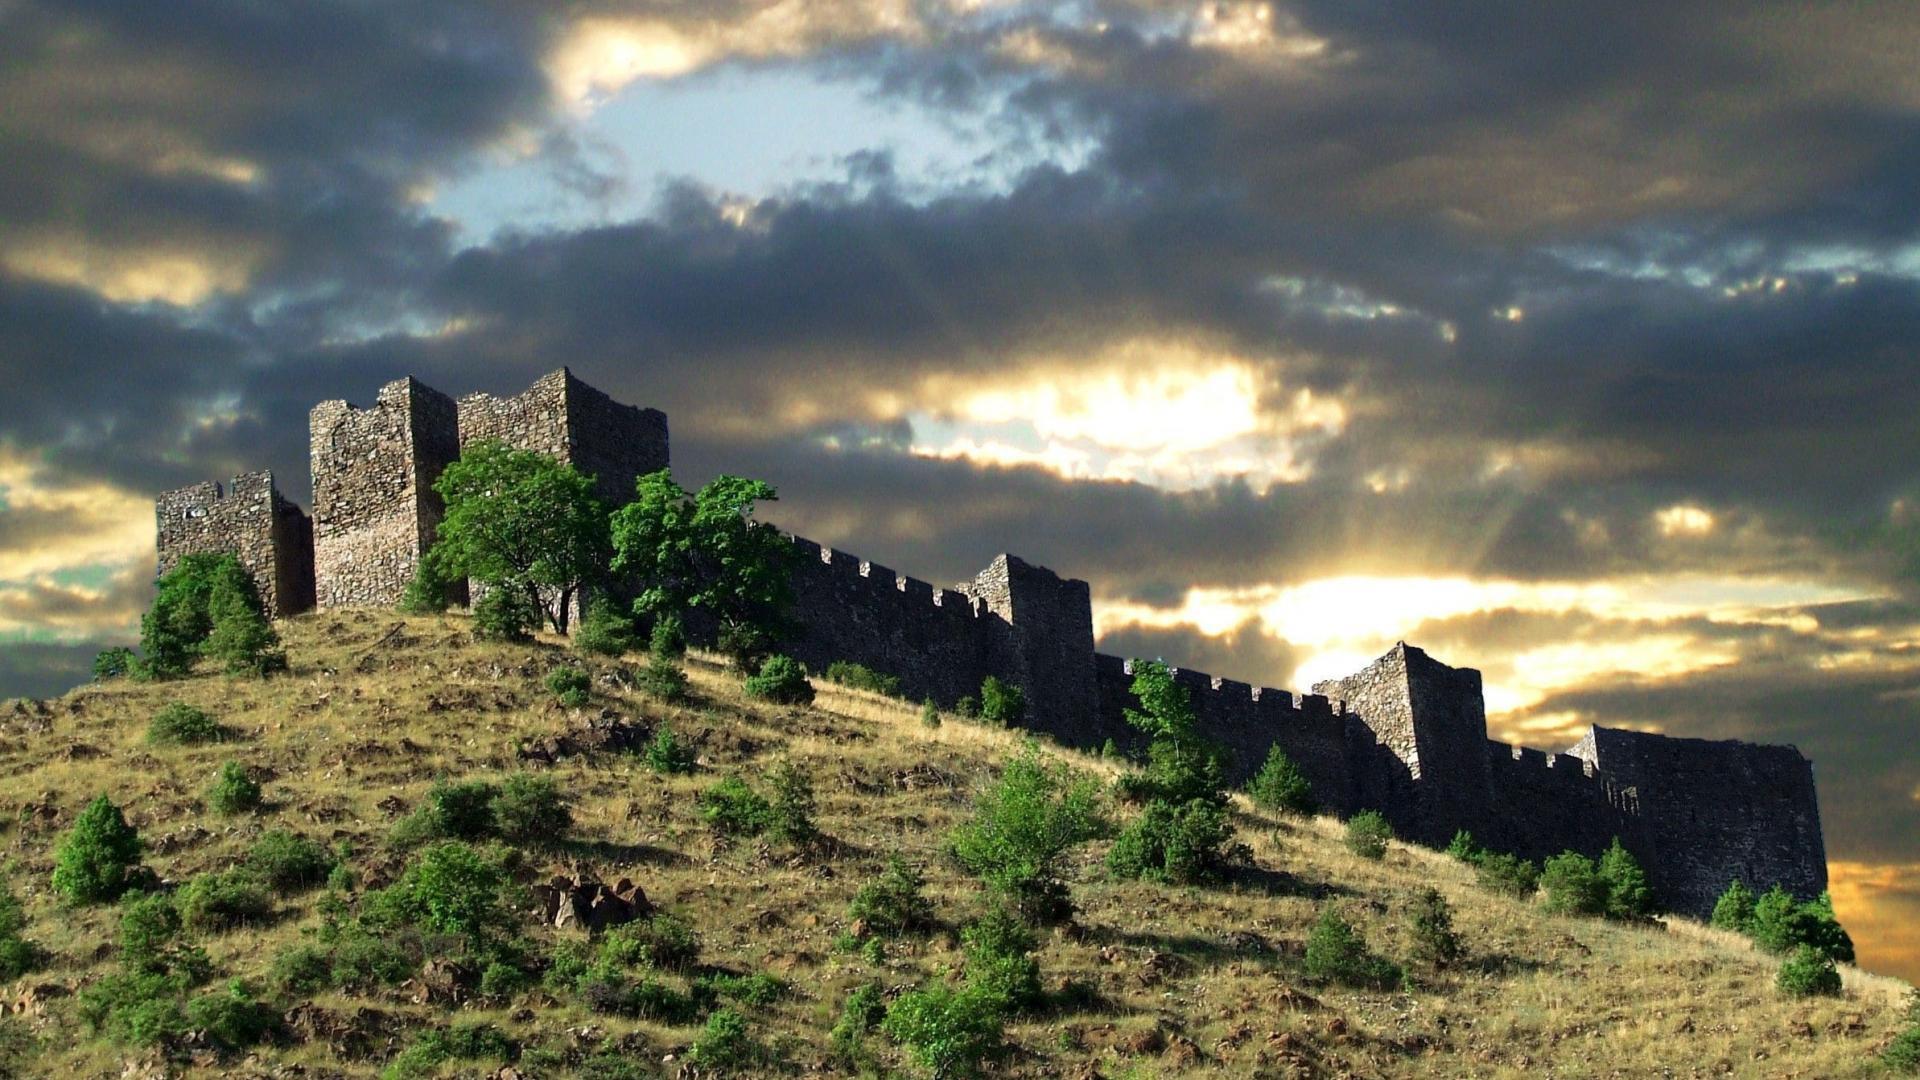 HD Castle On Hill In Kralijevo Serbia Wallpaper Download 1920x1080